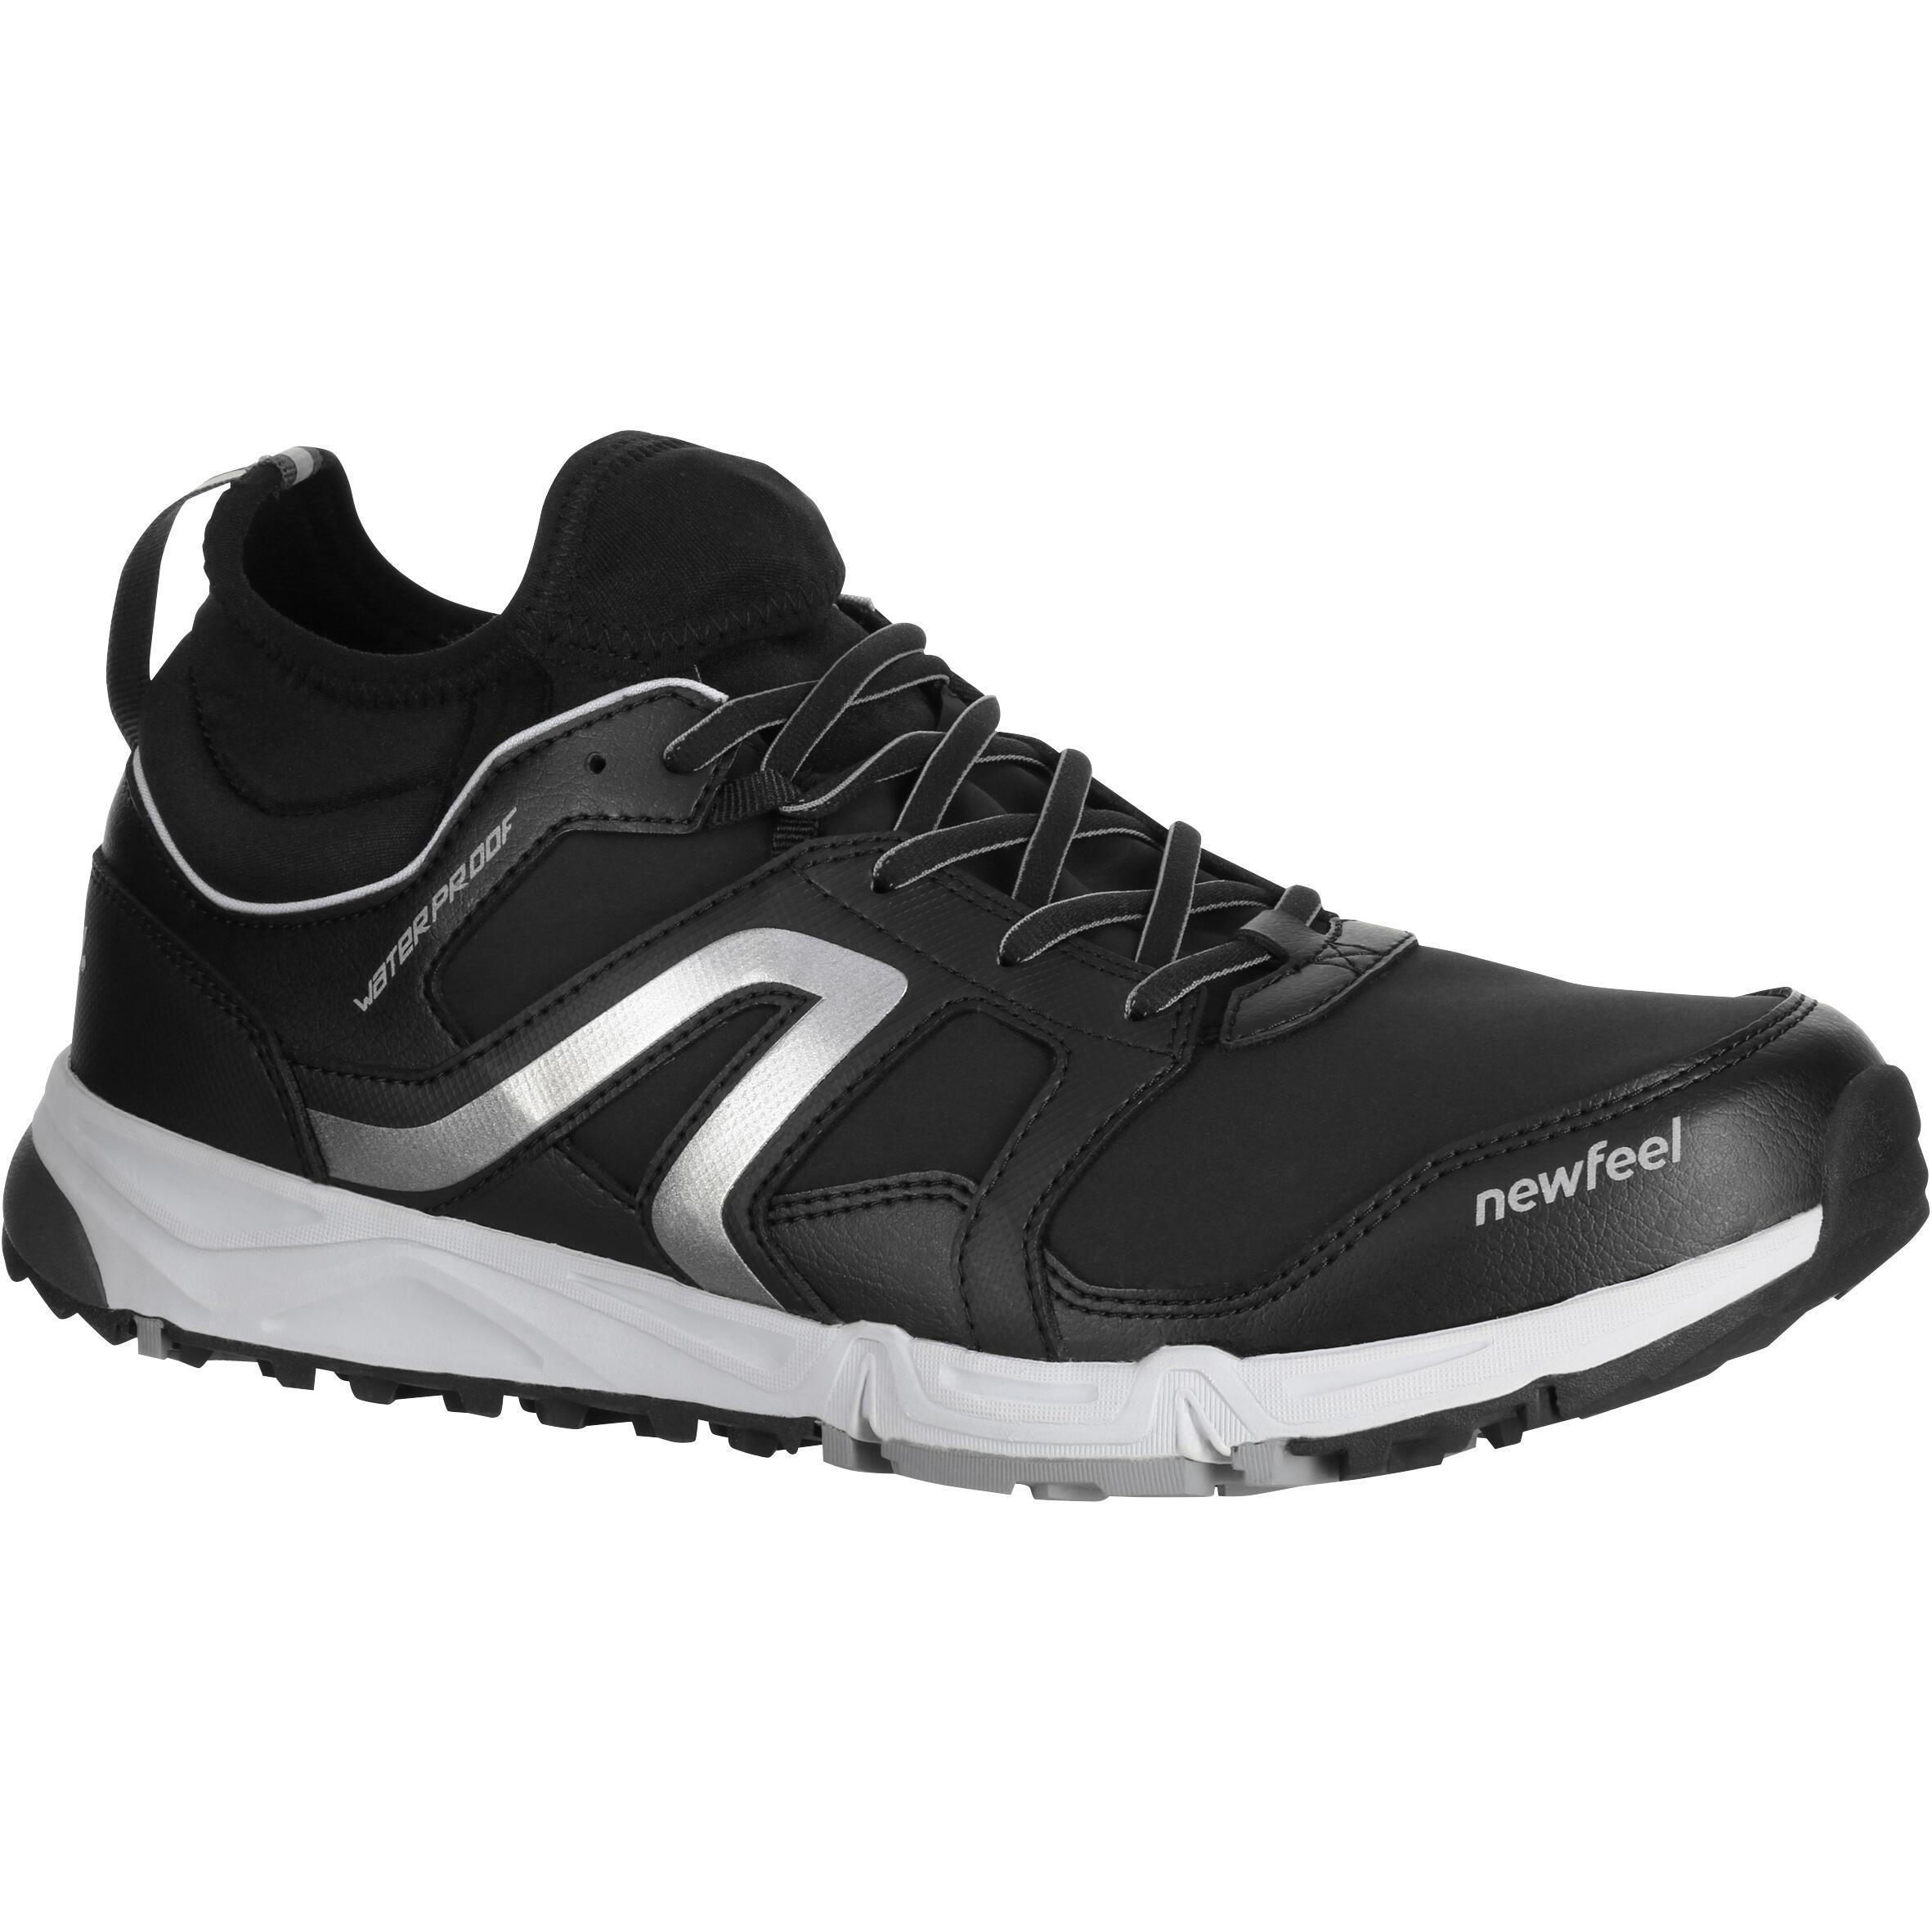 Newfeel Chaussures de marche nordique homme NW 580 Flex-H Waterproof noir - Newfeel